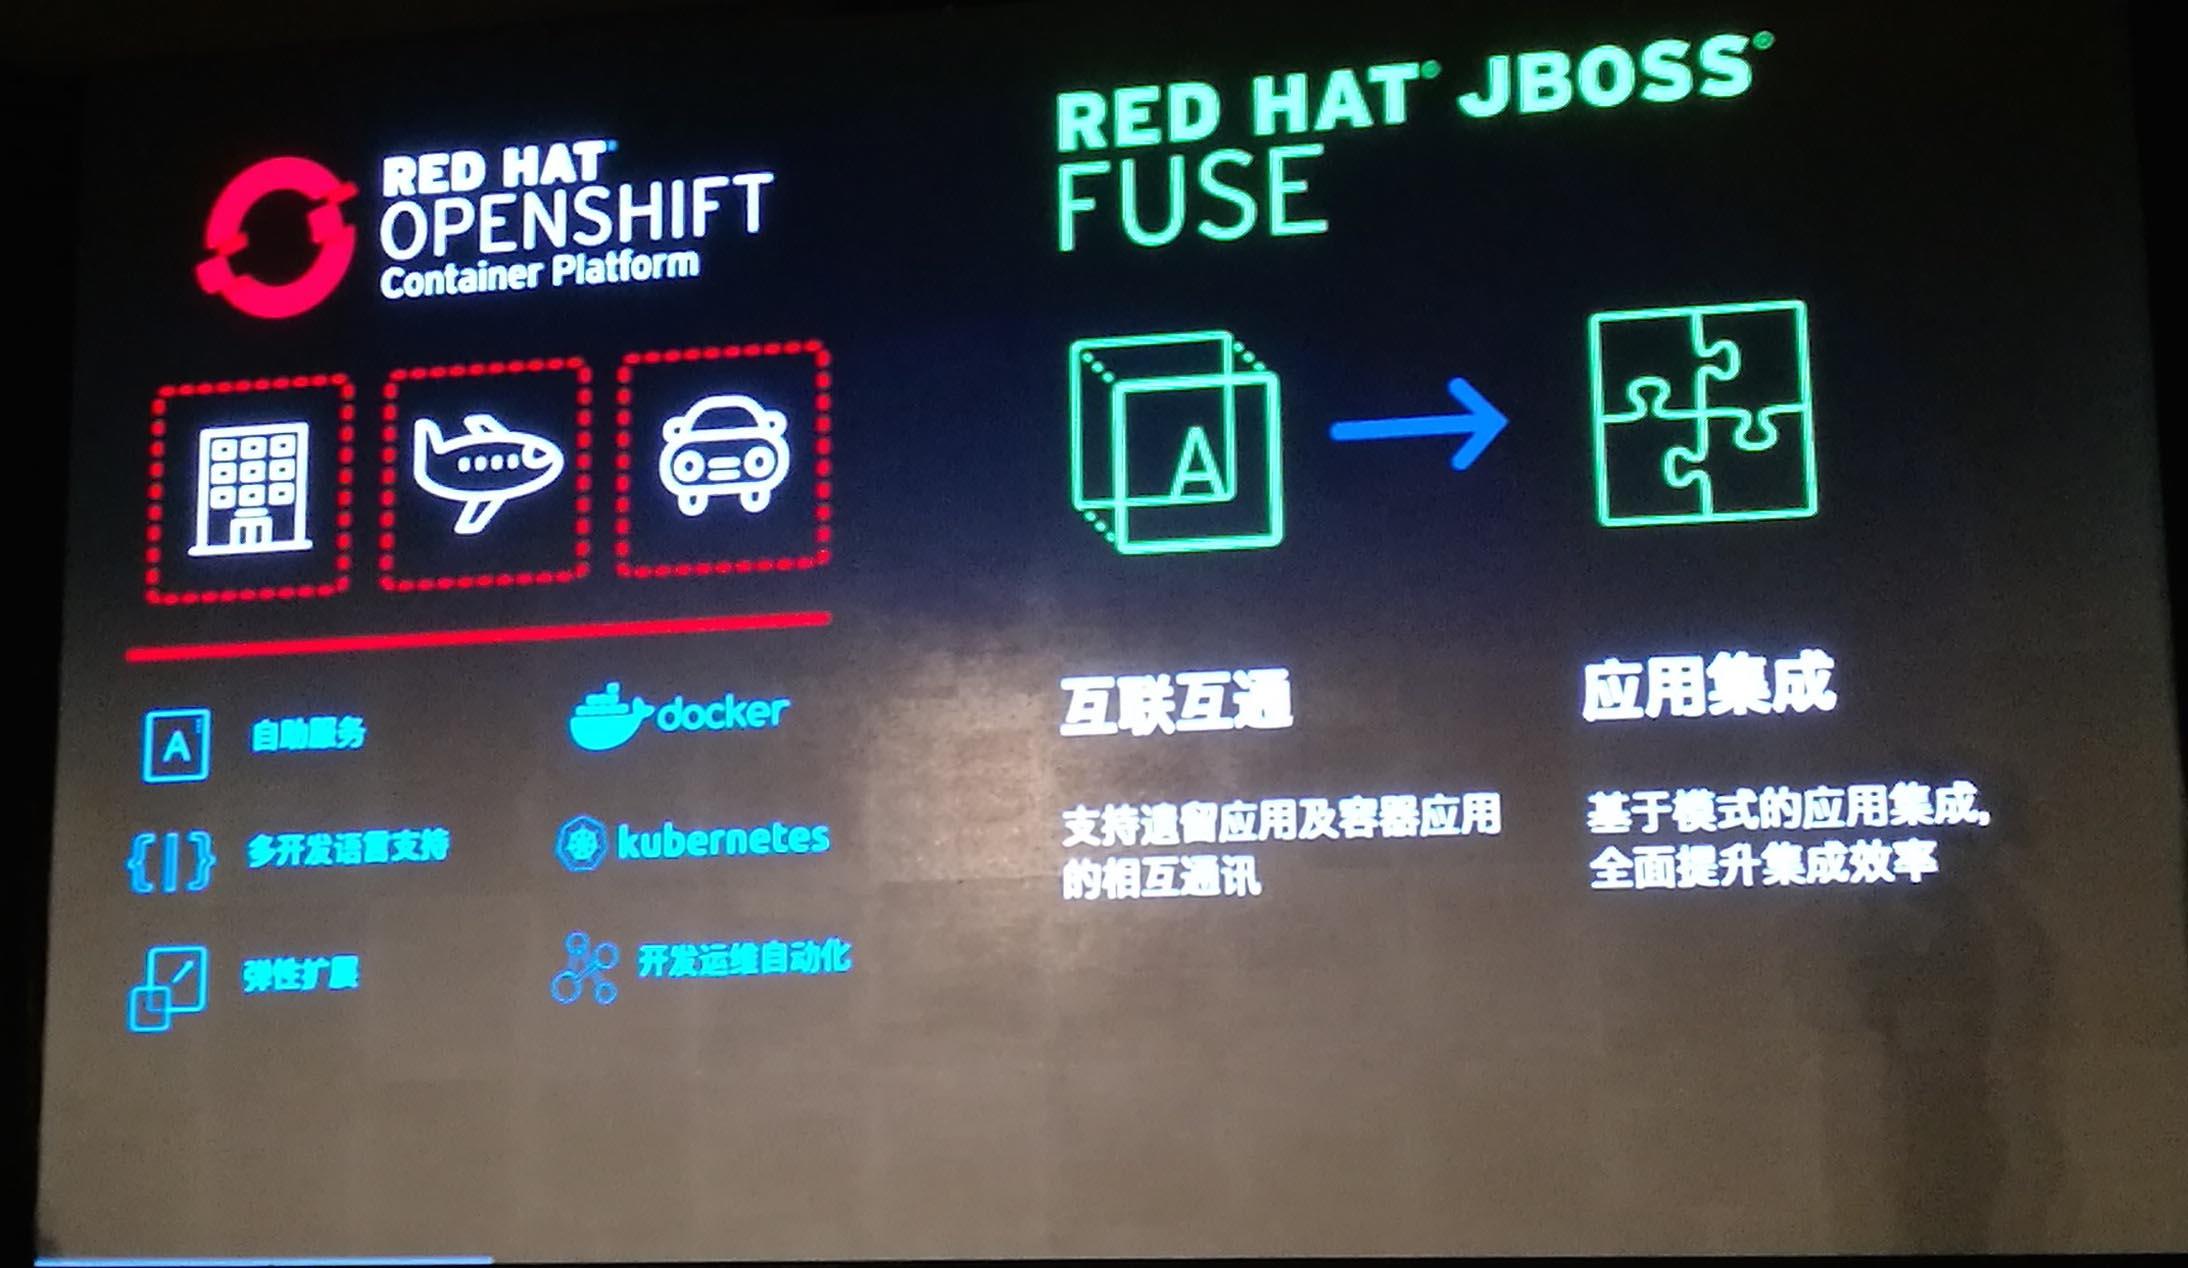 摒弃纸上谈兵:红帽上演开源实景演出